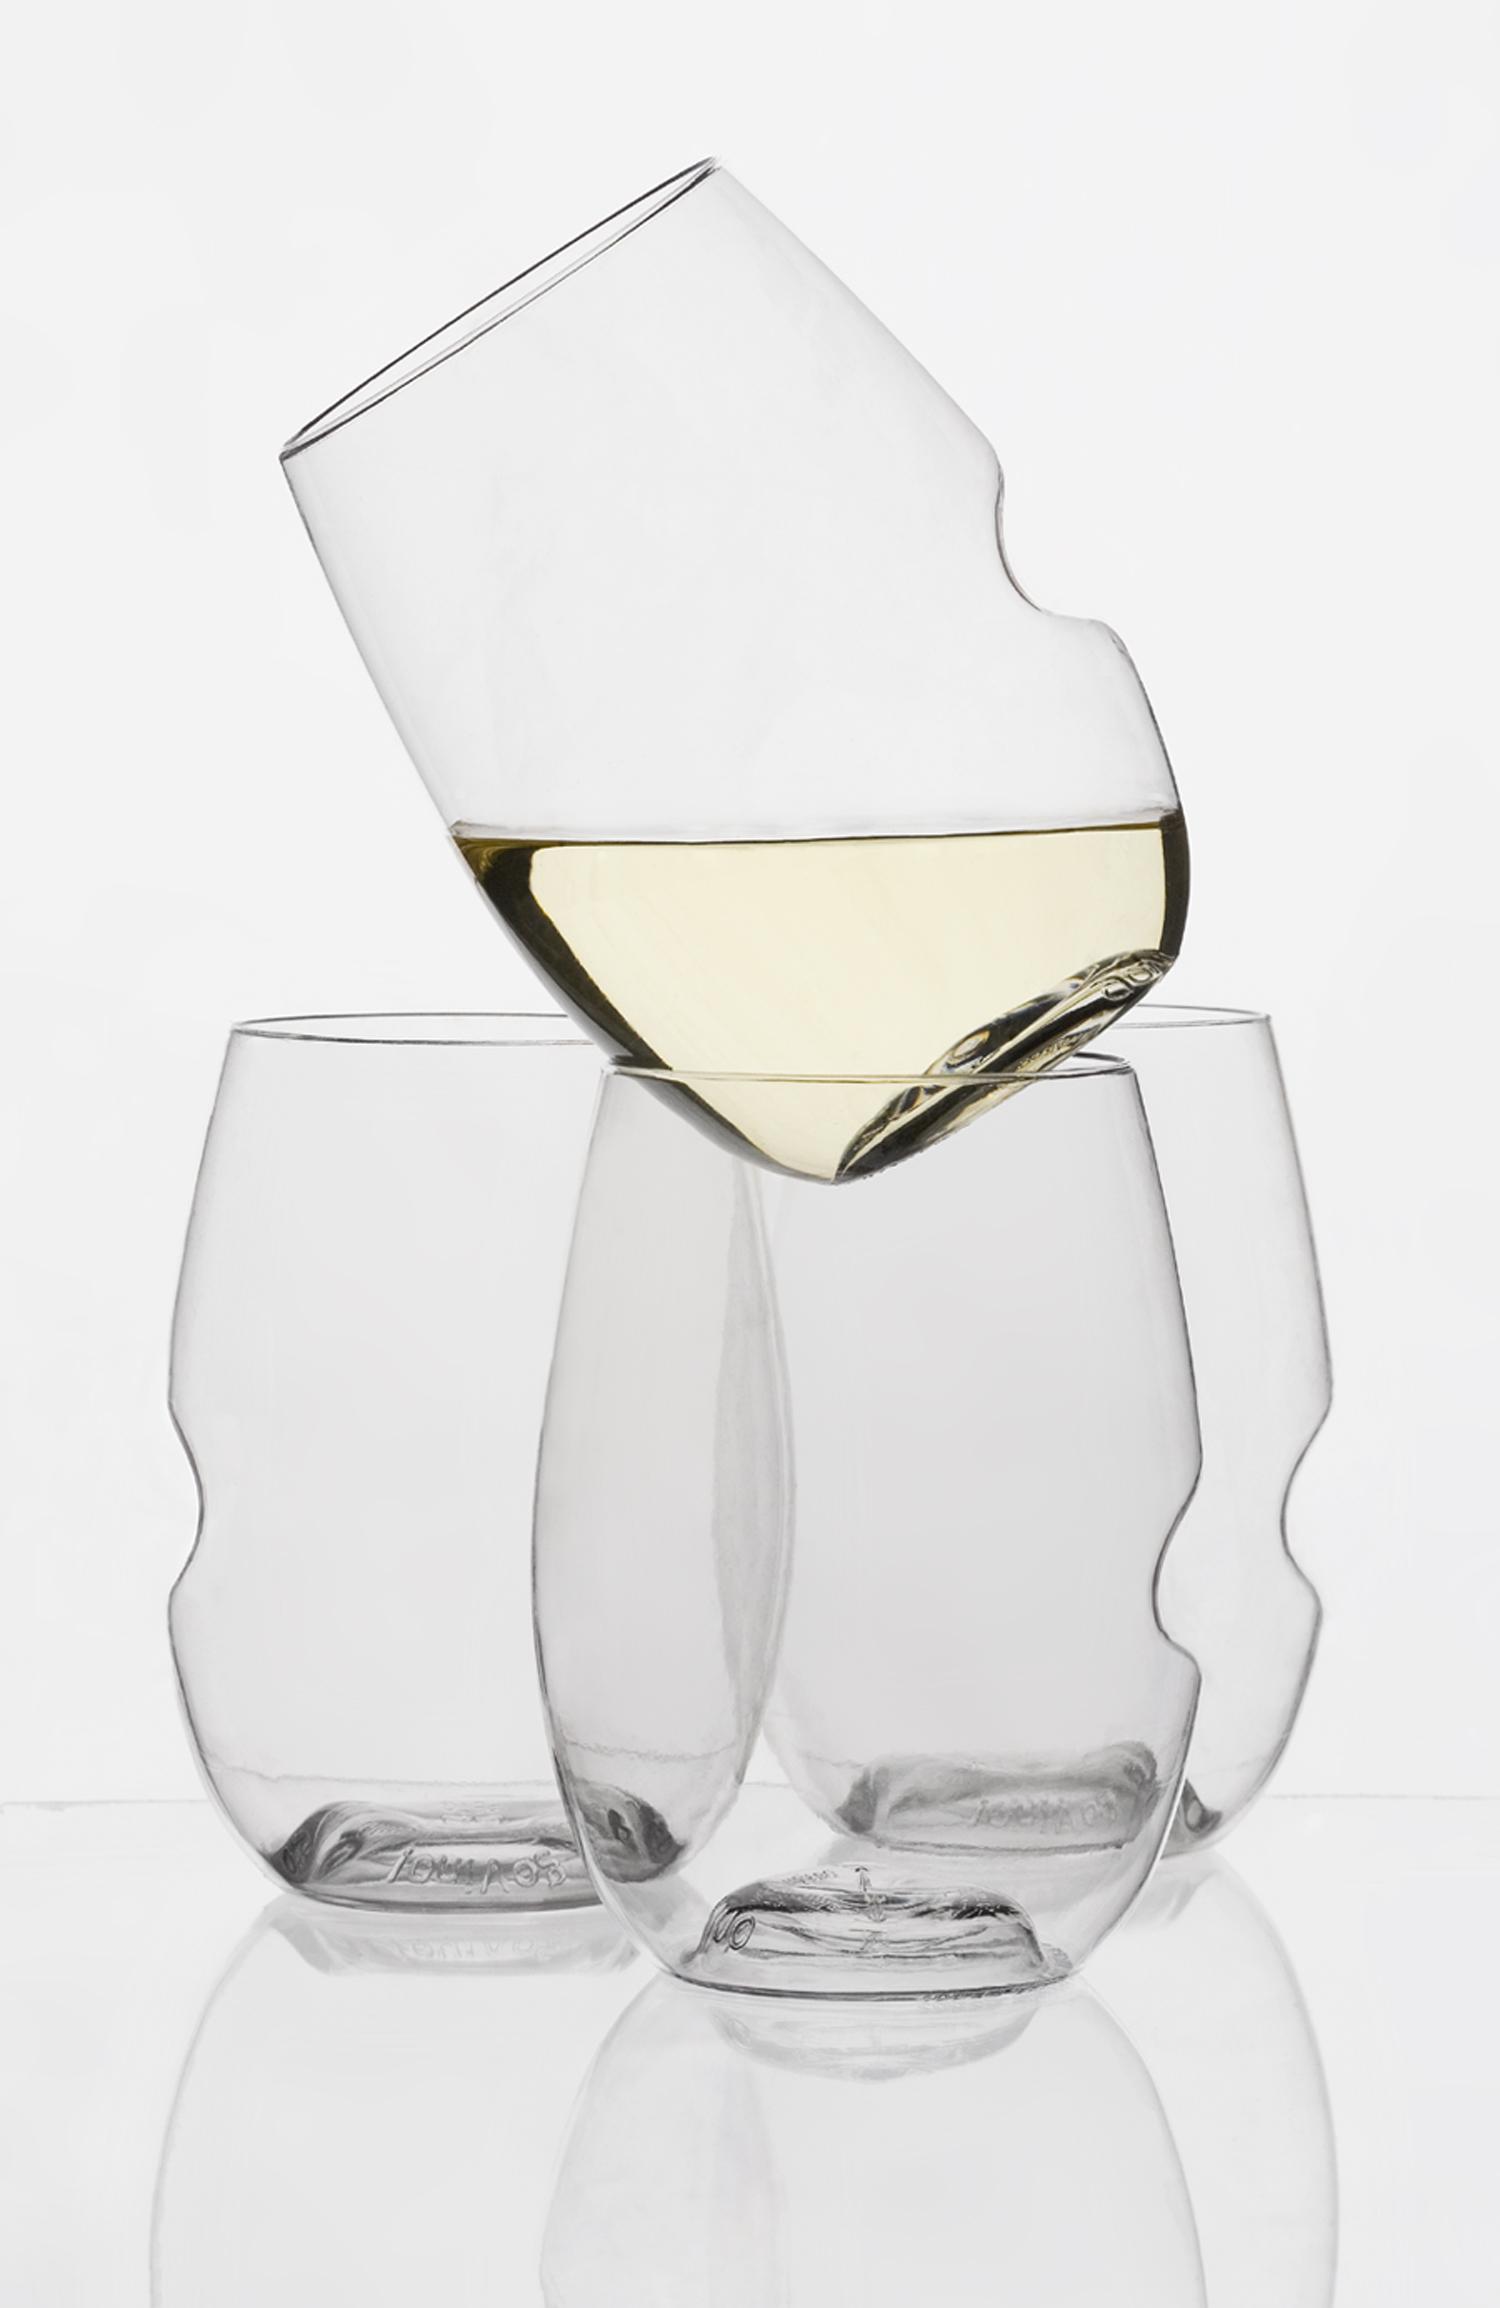 govino-16-oz-glassess-4.jpg